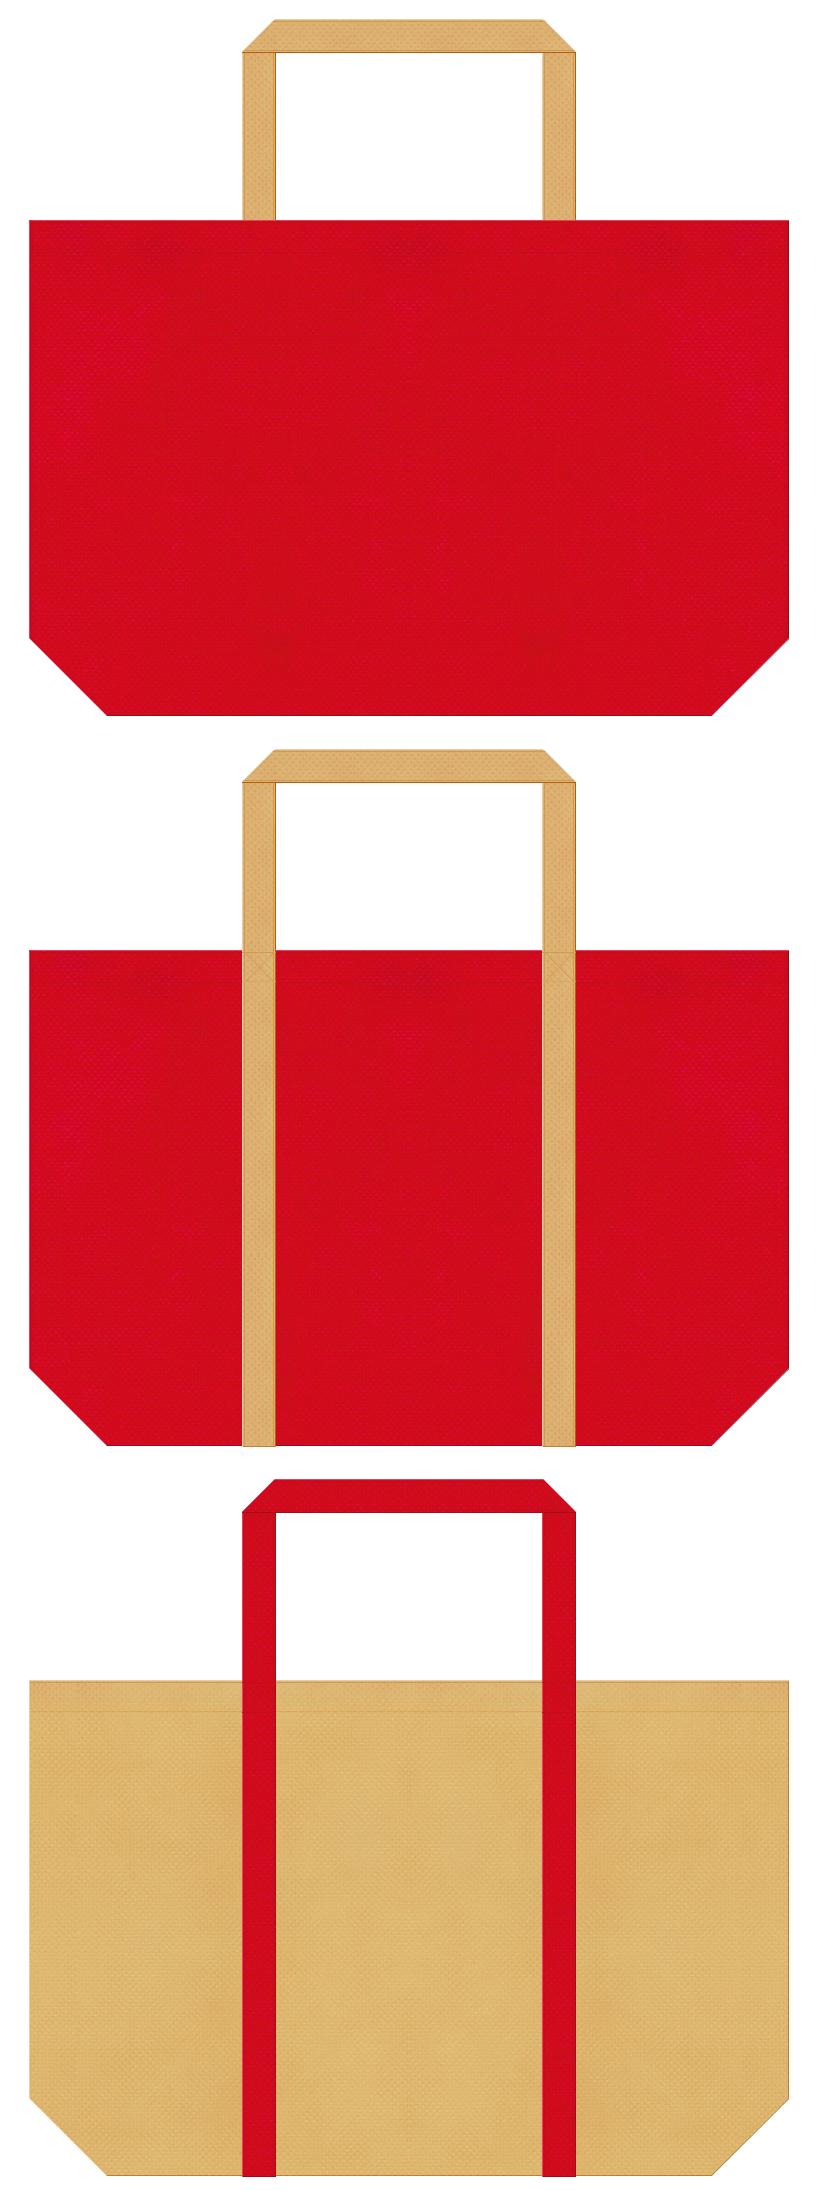 赤鬼・大豆・一合枡・野点傘・茶会・御輿・お祭り・和風催事・節分セール・福袋にお奨めの不織布バッグデザイン:紅色と薄黄土色のコーデ